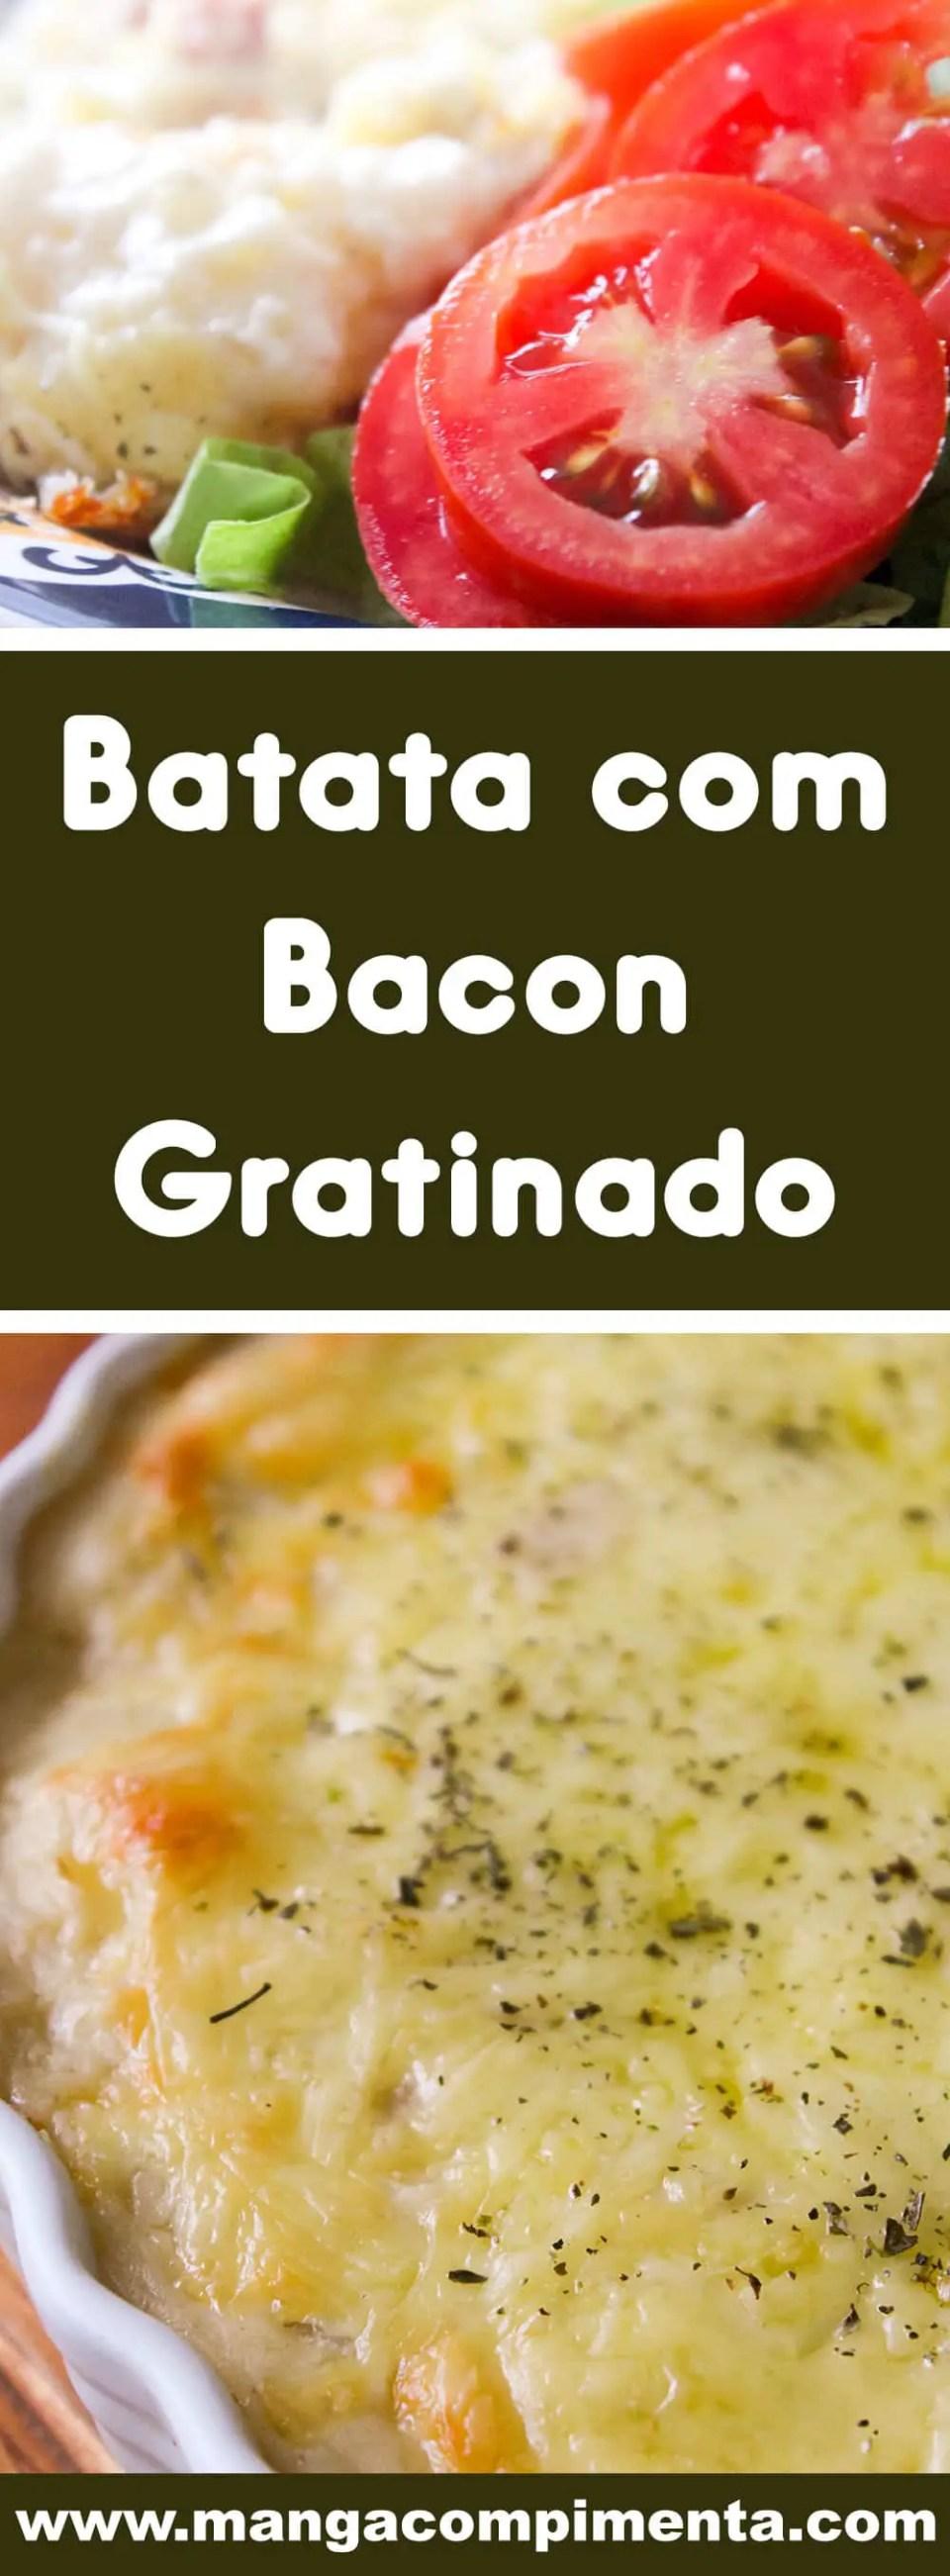 Receita de Batata com Bacon Gratinado - um prato simples, prático e delicioso para acompanhar um delicioso assado de domingo.